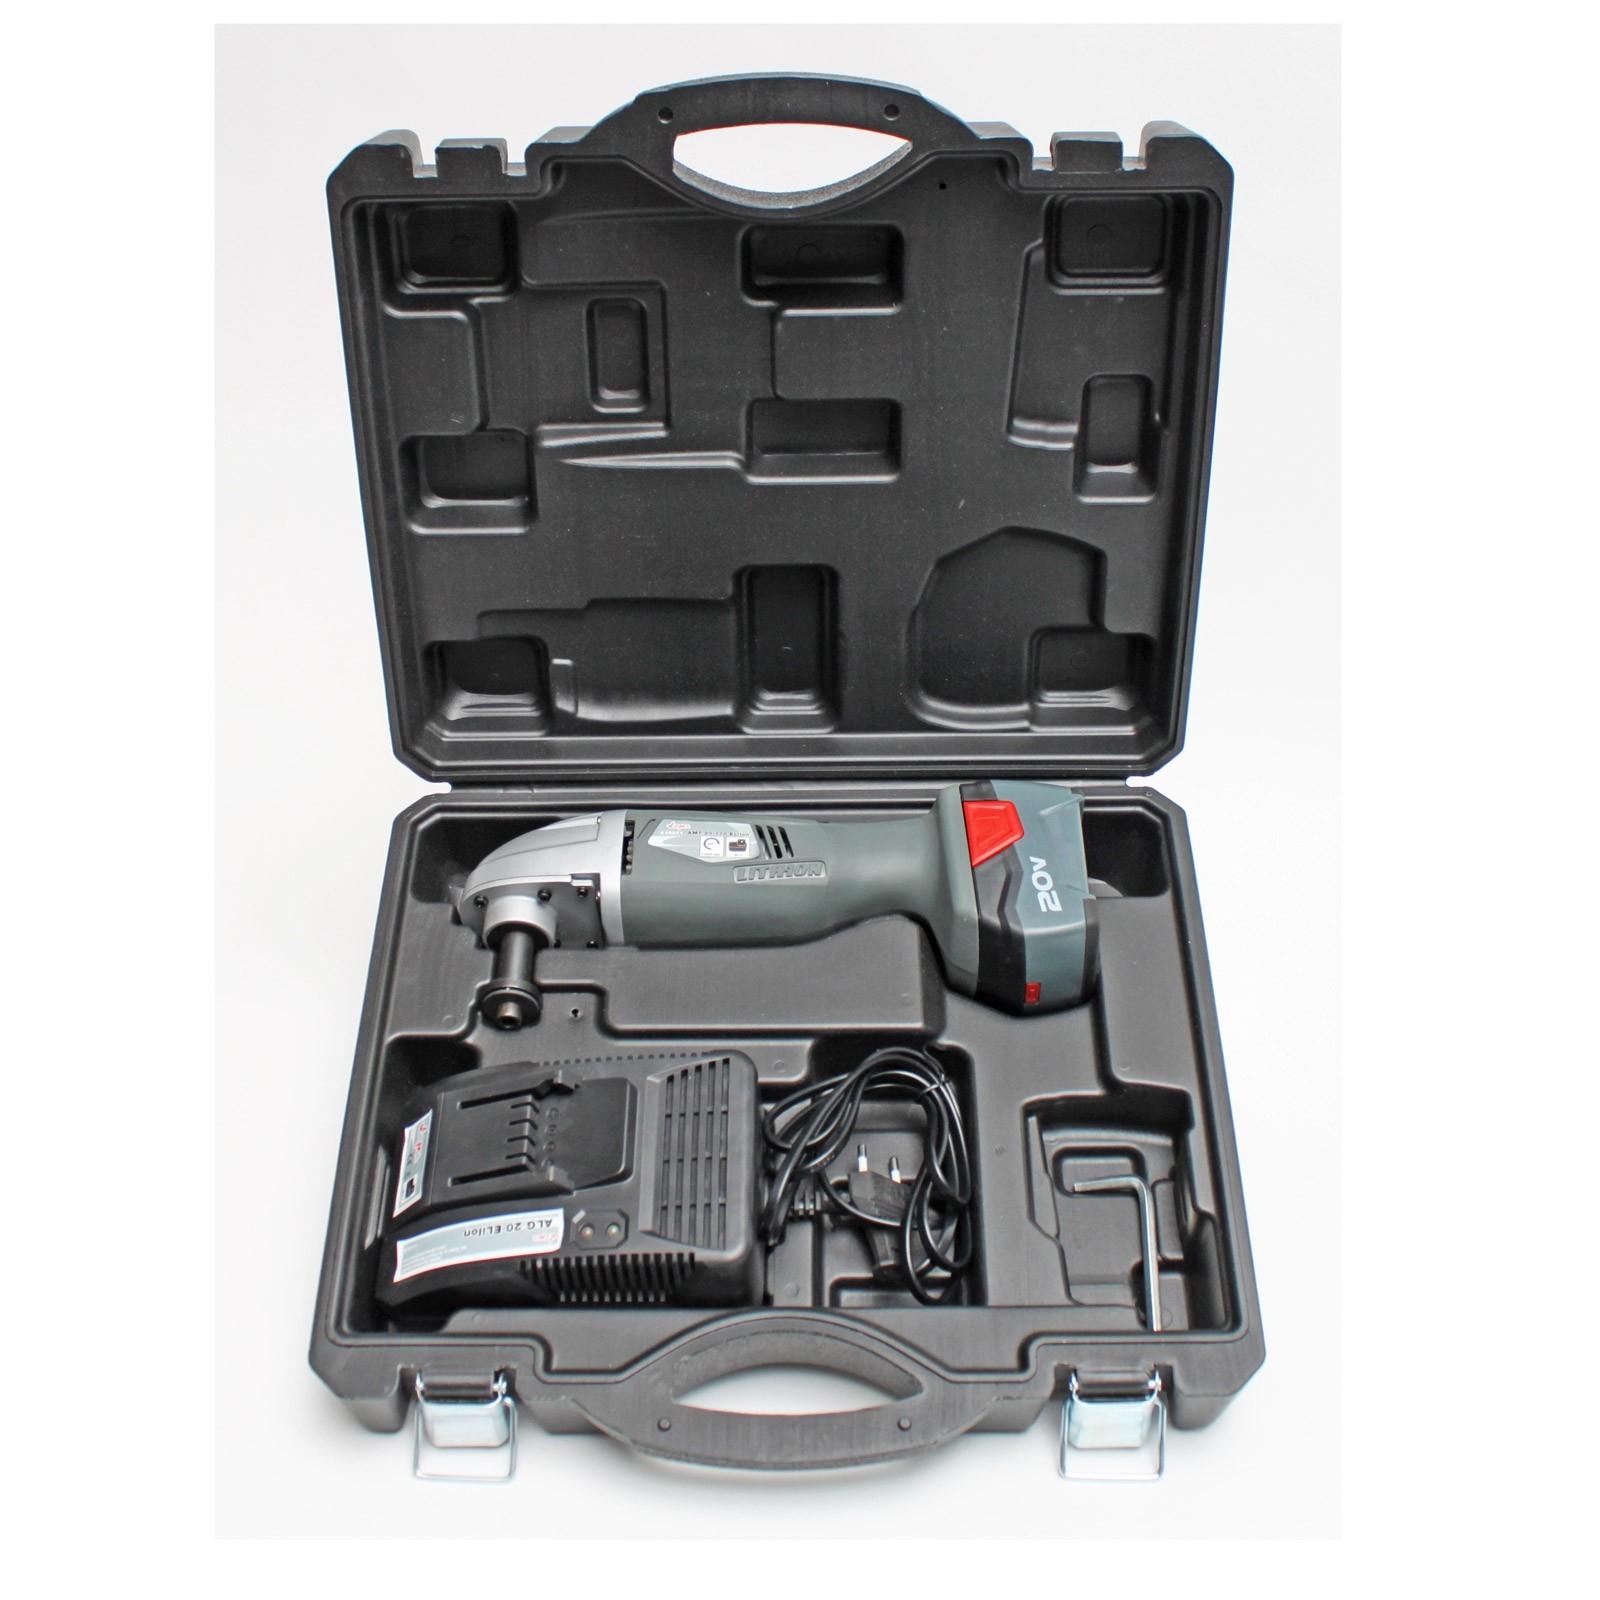 Dema Akku Multifunktionswerkzeug Multitool Universalwerkzeug AM170 20V Li Ion 15211